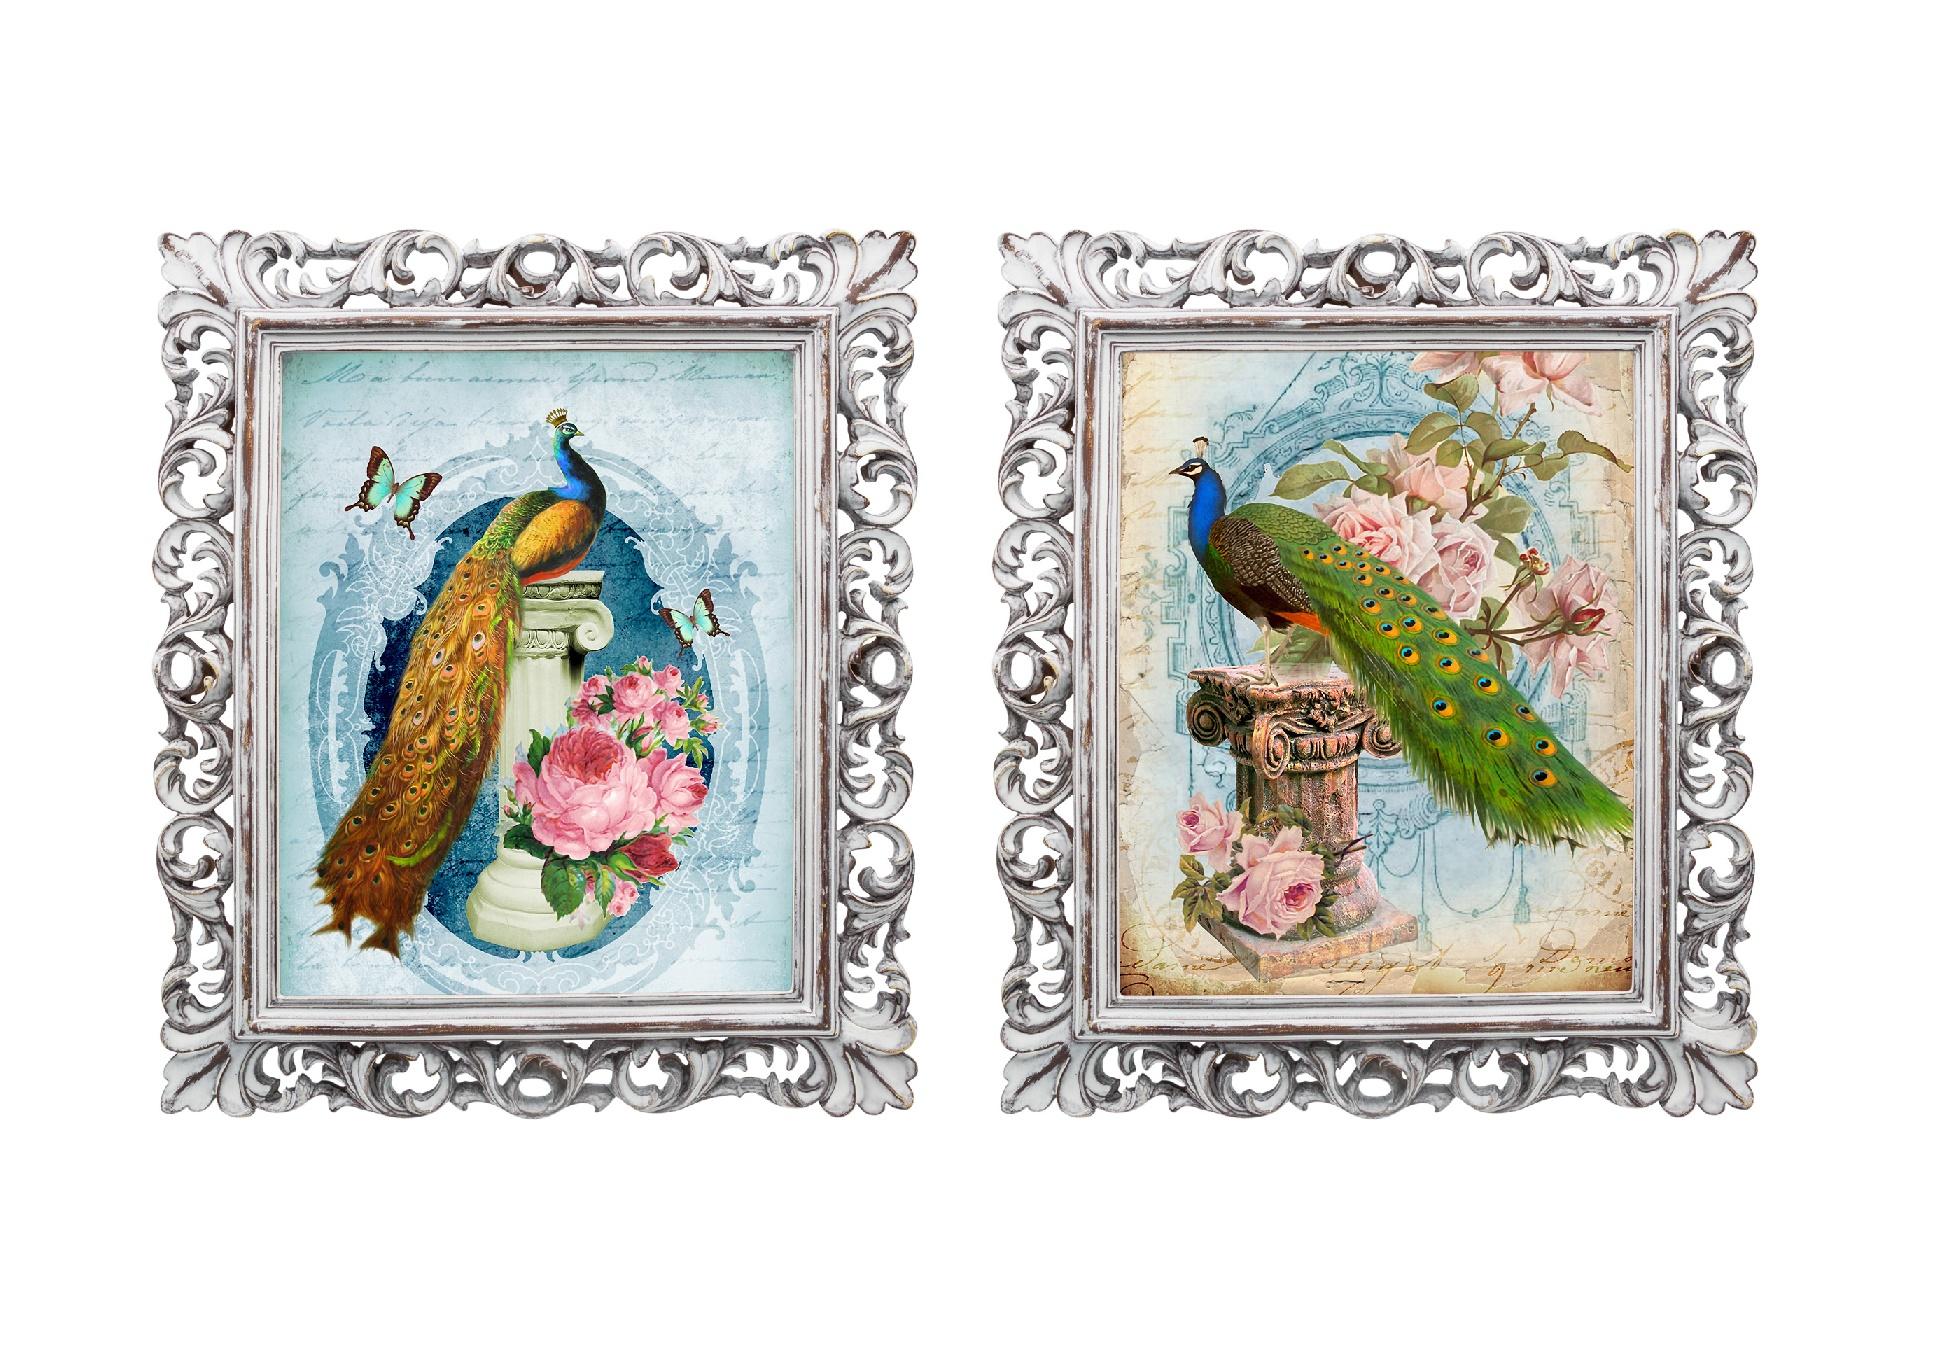 Набор из двух репродукций старинных картин в раме Мадлен. Красавец с длинным опереньемКартины<br>Уникальные старинные изображения &amp;quot;Красавец с длинным опереньем&amp;quot; в окружении изящных рам создадут особую романтическую атмосферу. Изображение красивой птицы с великолепным, переливающимся всеми цветами радуги, оперением, завораживает и погружает в магическую атмосферу таинства, наполняет дом чудесами. Изображения обрамлены винтажными рамами, искусная техника состаривания придает изделию особую теплоту и загадочность. Благородная патина на поверхности рамы — интригующее приглашение к прогулке в мир старинных реликвий! Изображение картины наполнено уникальными эмоциями и тайной, скрытой под кристально прозрачным стеклом. Картину можно повесить на стену, а можно поставить, например, на стол или камин. Защитный стеклянный слой гарантирует долгую жизнь прекрасному изображению. А если Вам захочется обновить интерьер, Вы можете с легкостью заменить изображение картины!&amp;lt;div&amp;gt;&amp;lt;br&amp;gt;&amp;lt;/div&amp;gt;<br><br>Material: Бумага<br>Width см: 28,8<br>Depth см: 2,3<br>Height см: 33,8